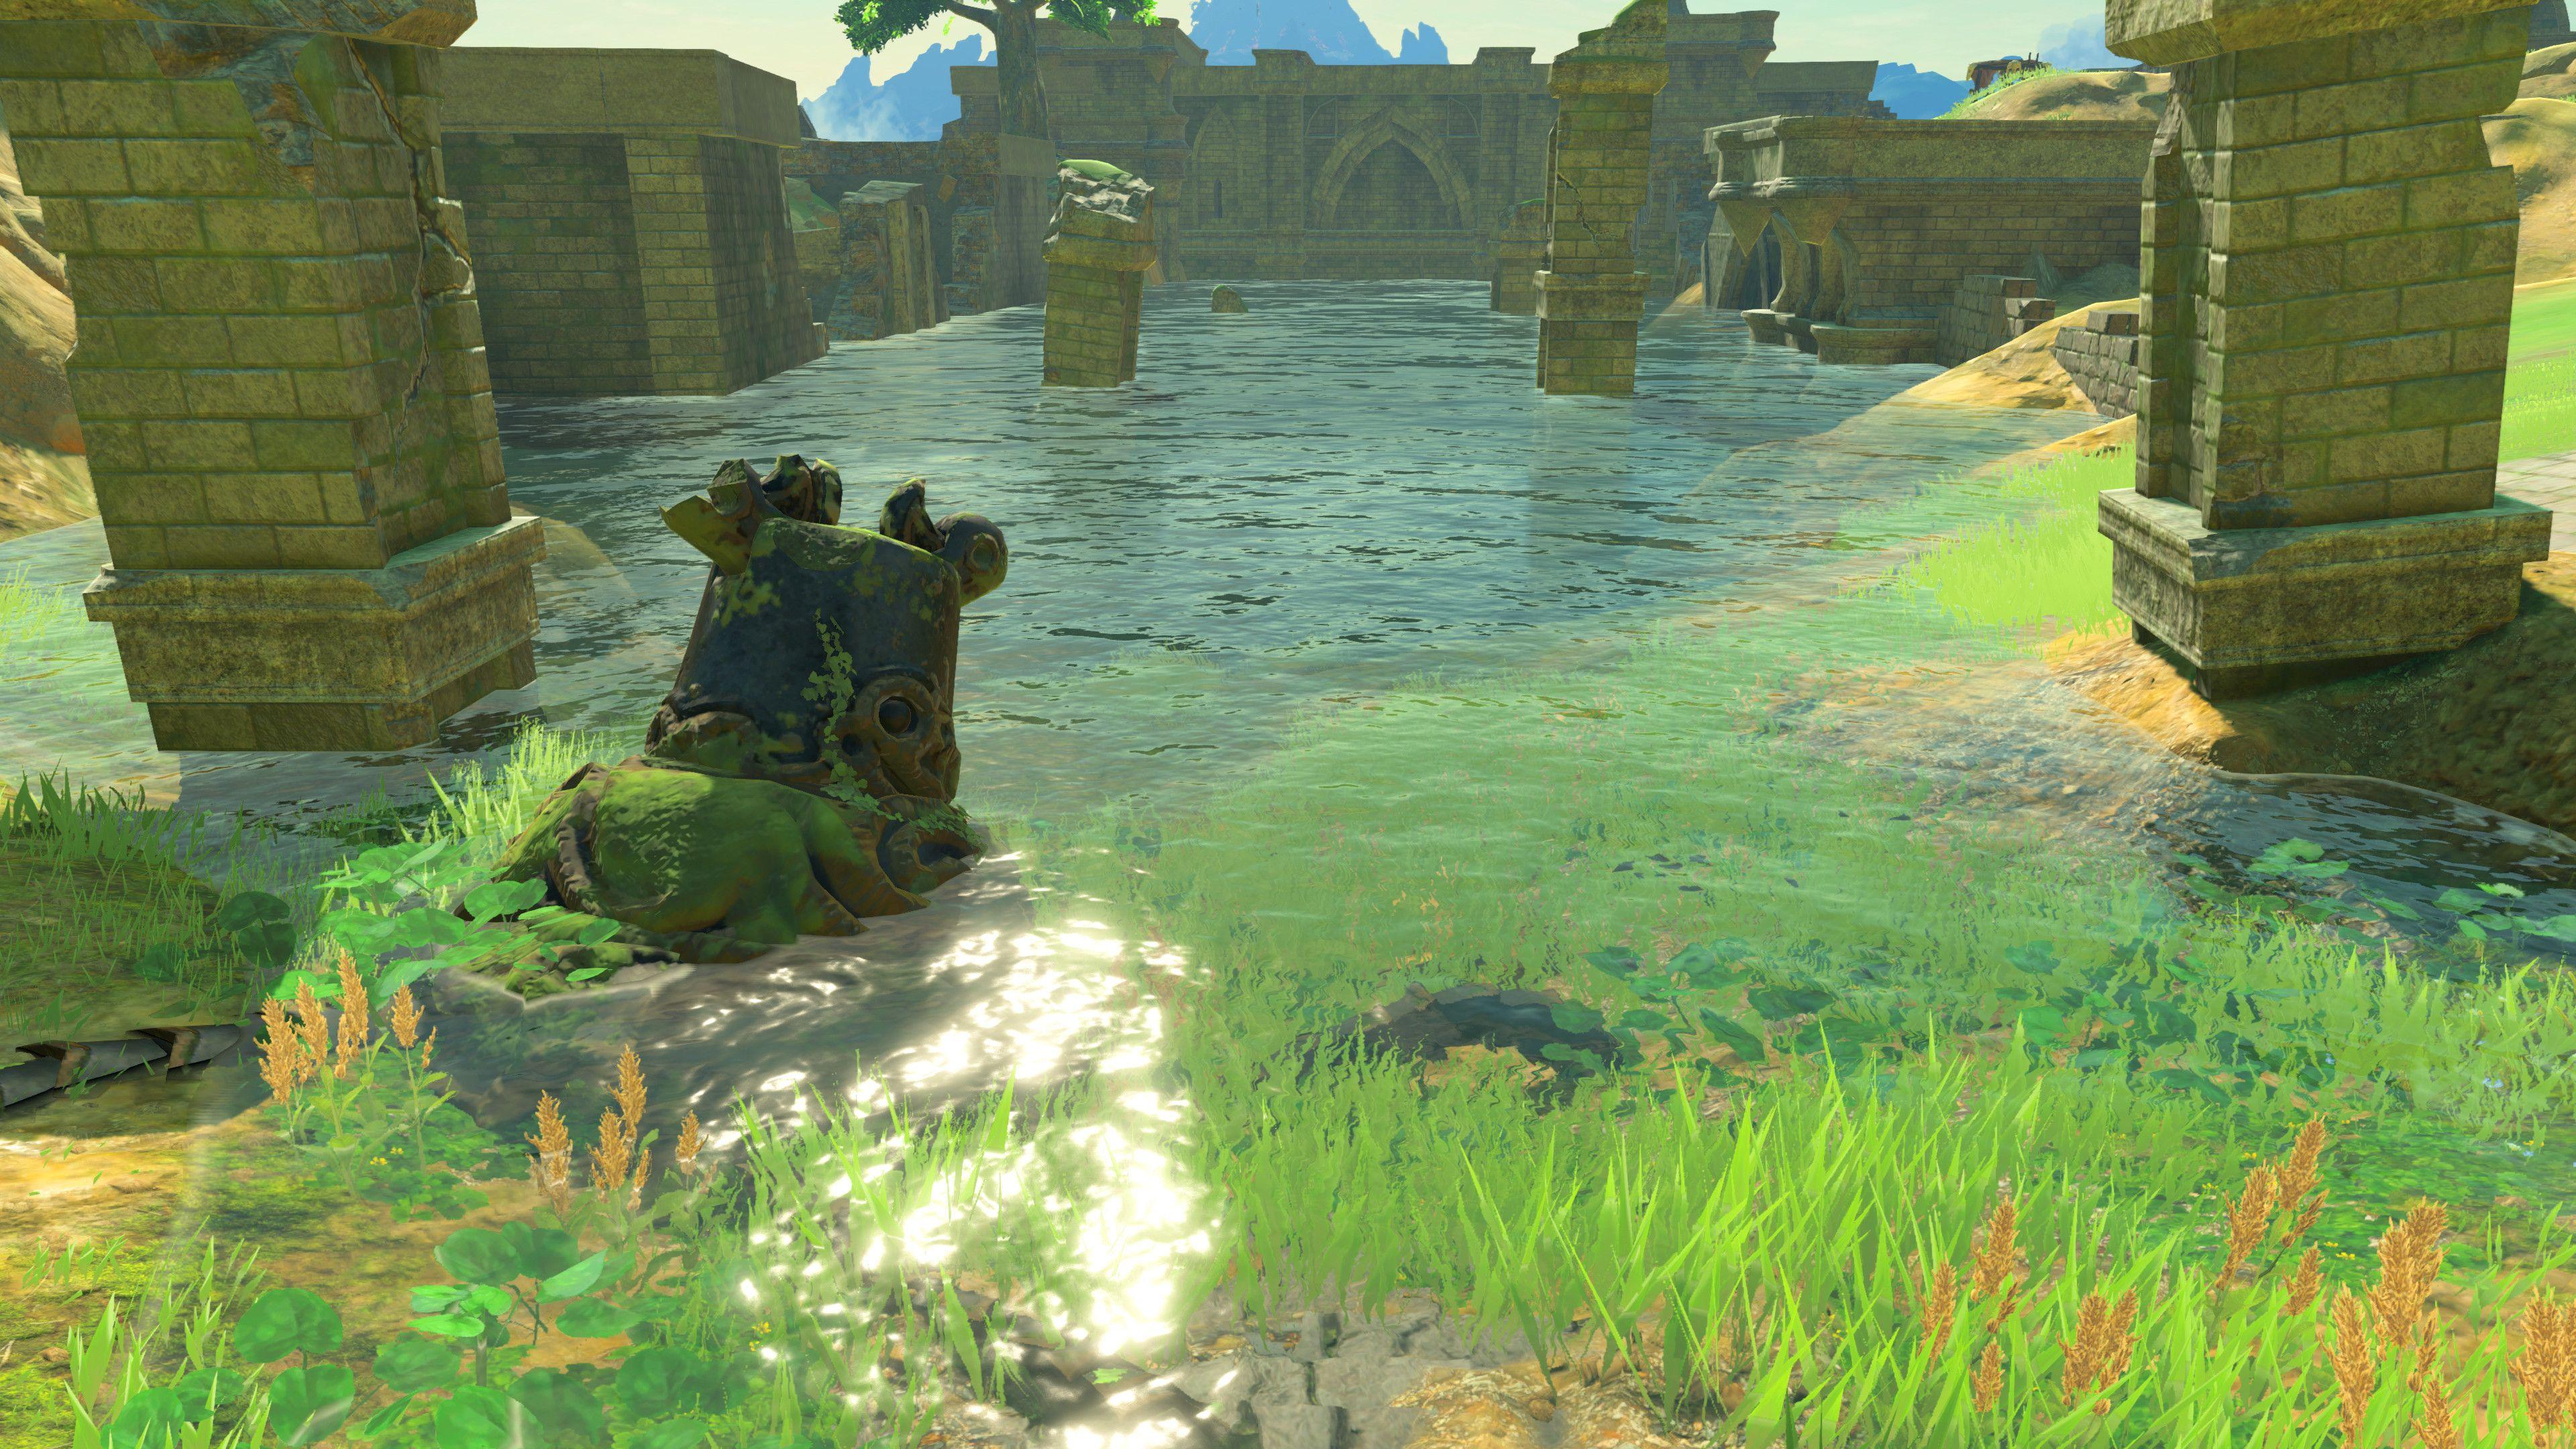 The Legend Of Zelda Breath Of The Wild Official Hd Screenshot Wallpaper Zelda Wii U Nx Zel Legend Of Zelda Legend Of Zelda Breath Breath Of The Wild